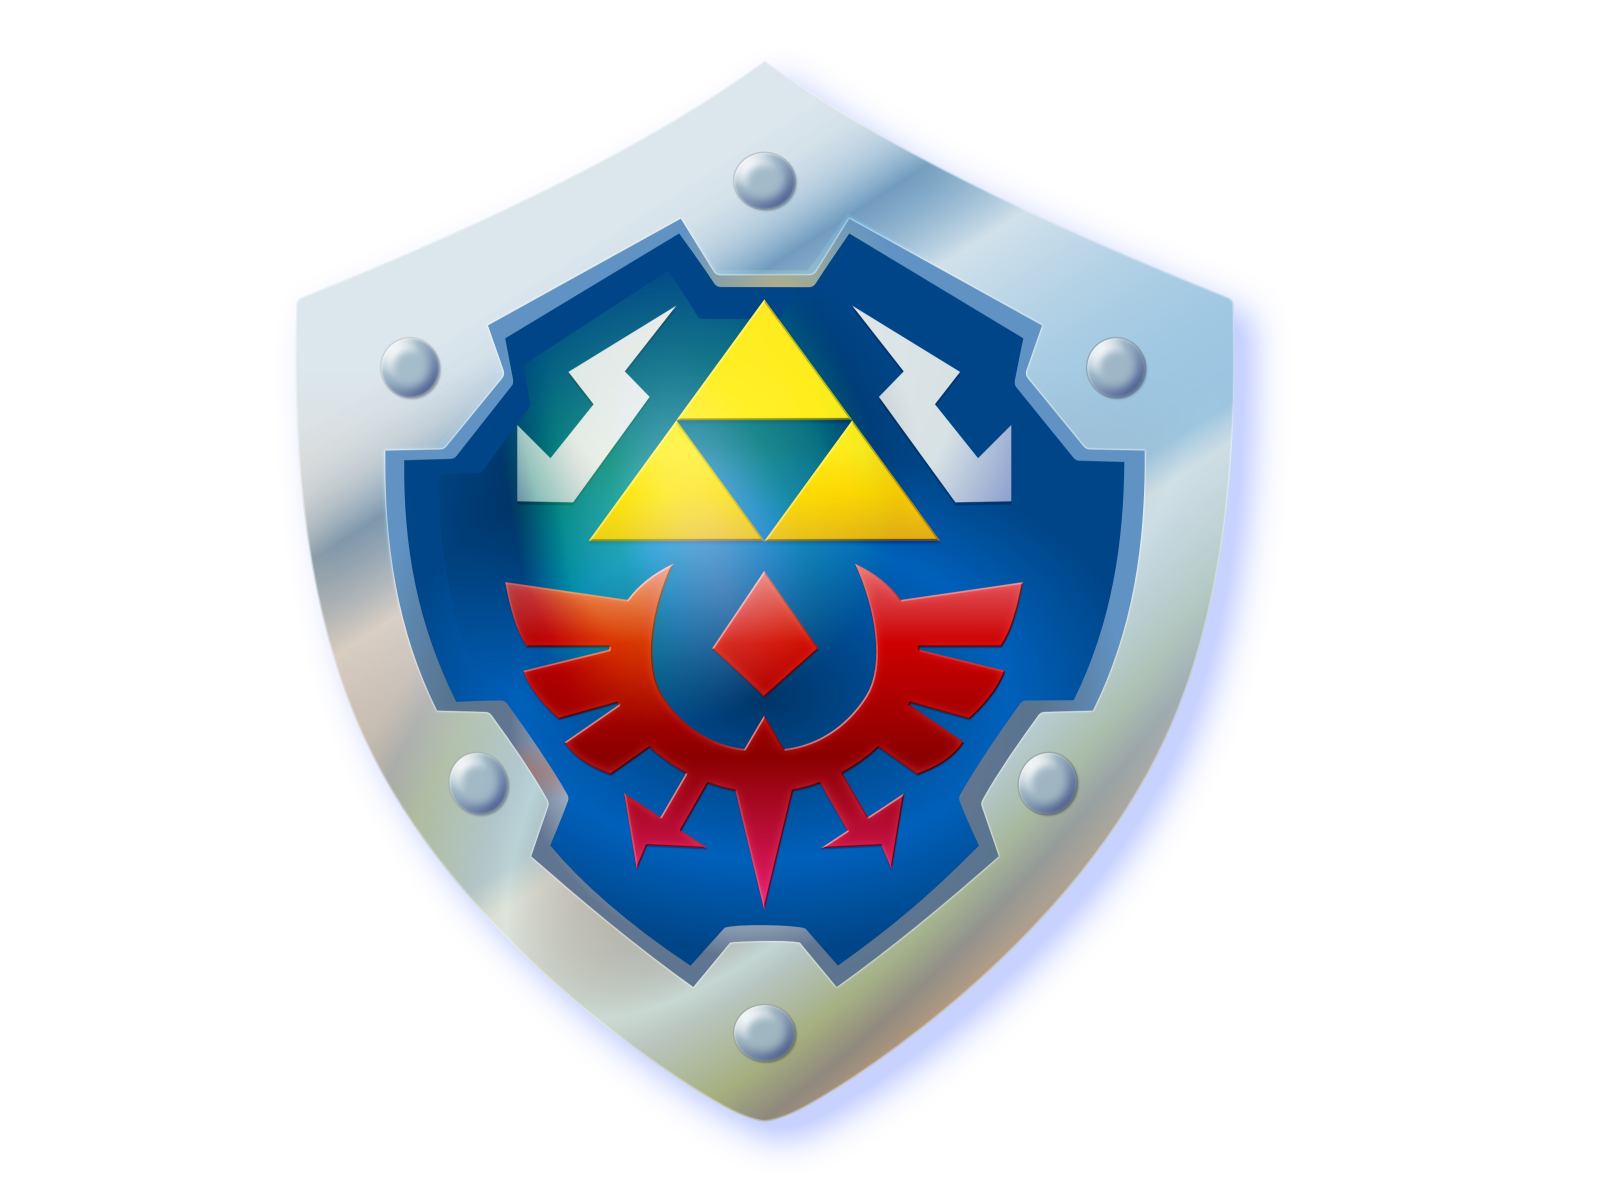 Links Shield From Legend Of Zelda Link S Awakening Legend Of Zelda Nintendo Art Shield